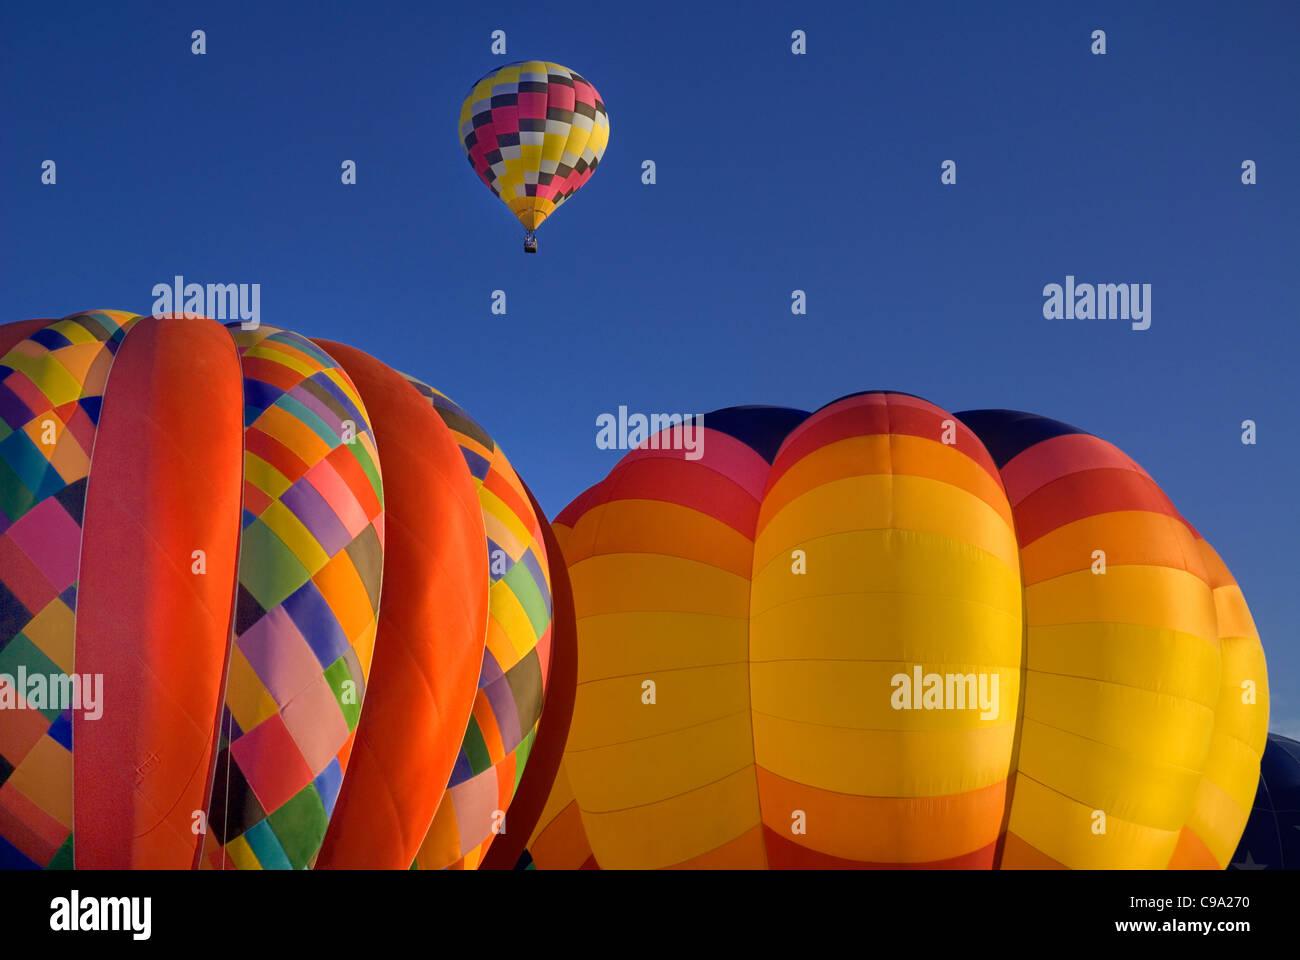 Stati Uniti d'America, Nuovo Messico, Albuquerque, annuale Balloon Fiesta, colorate mongolfiere. Immagini Stock